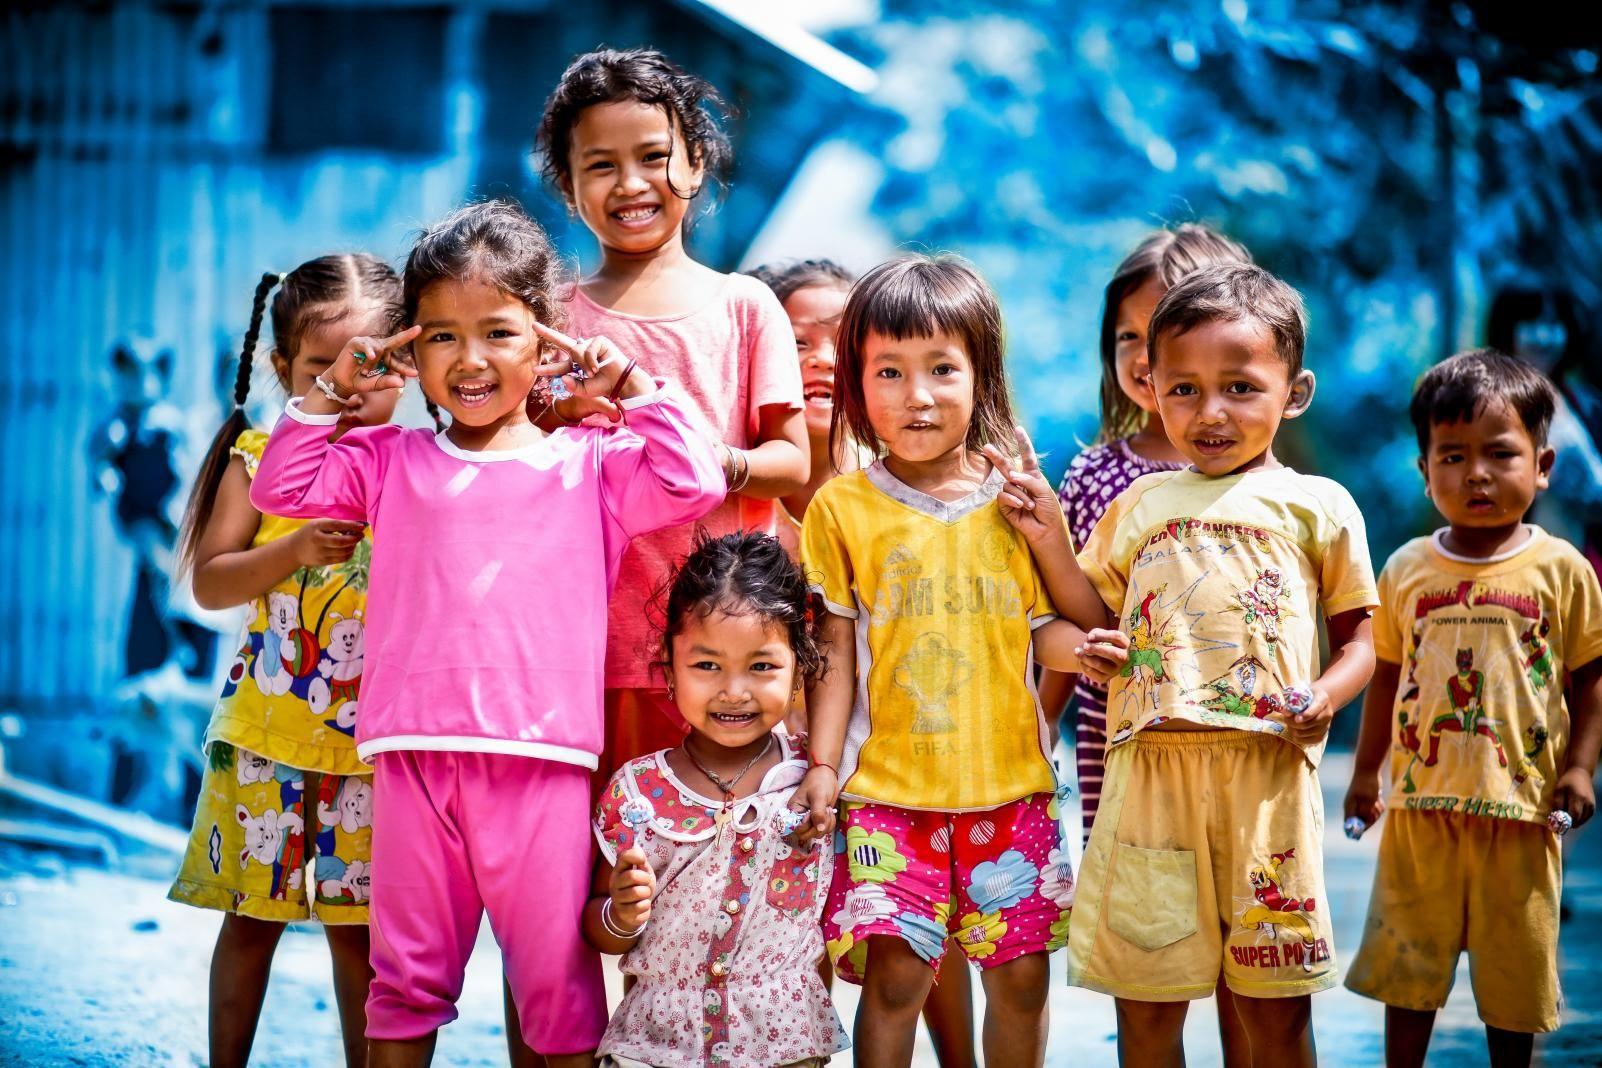 Hình ảnh những trẻ em nghèo nhưng đẹp